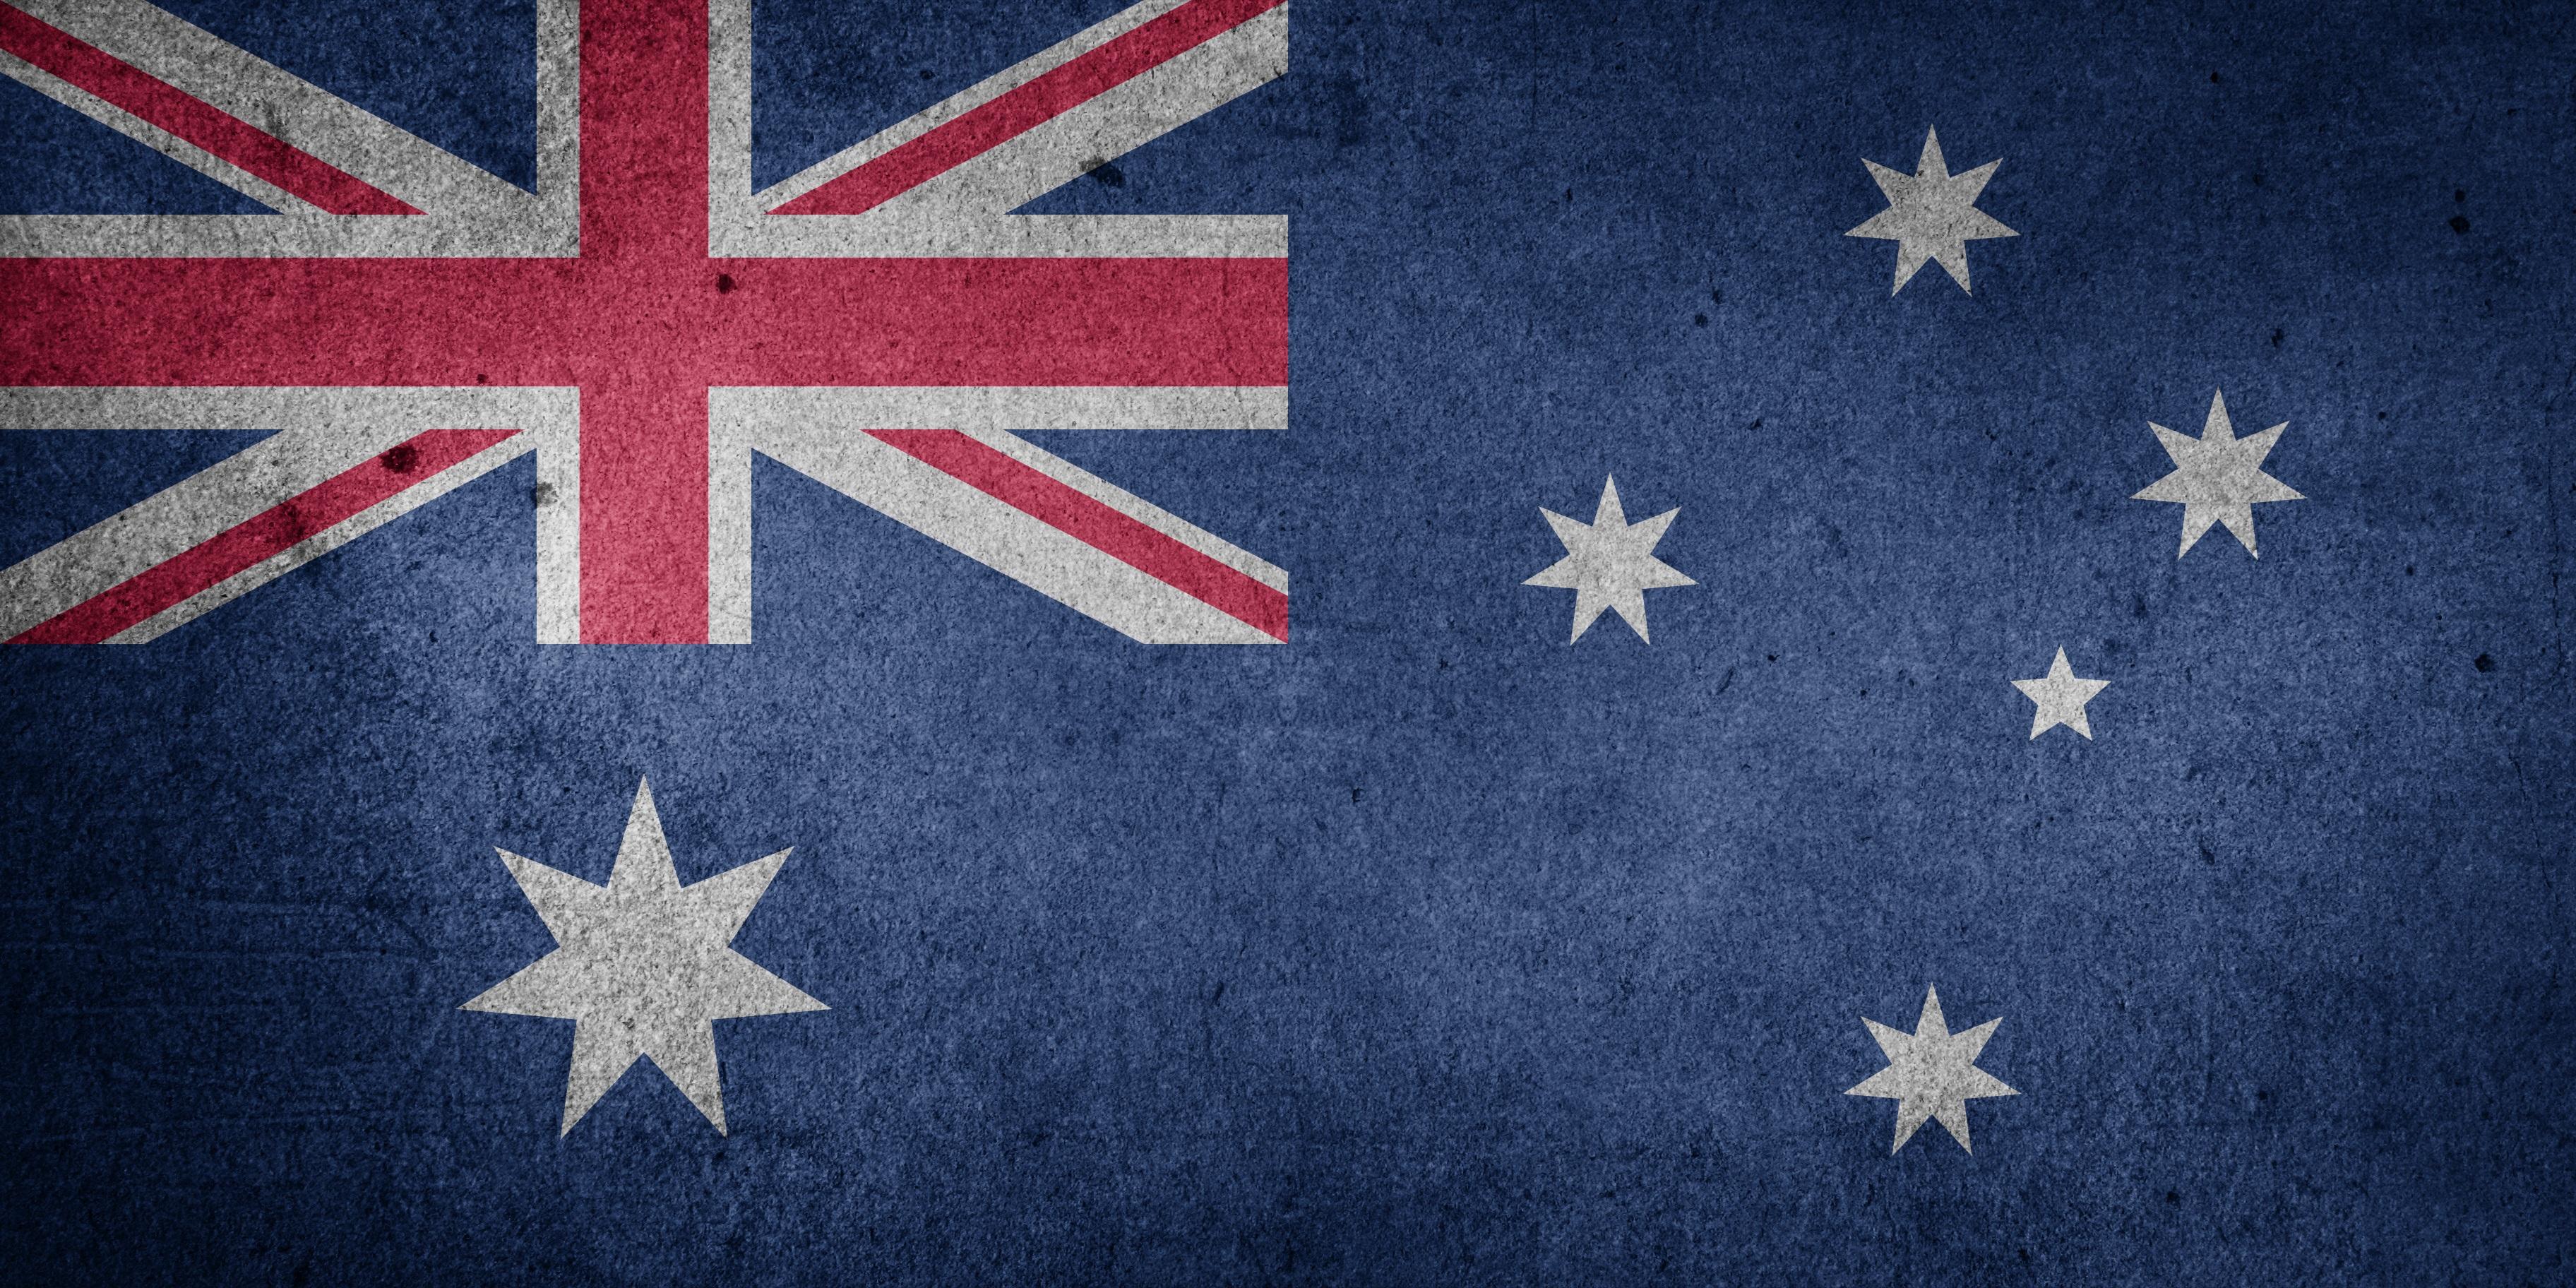 澳洲素材1